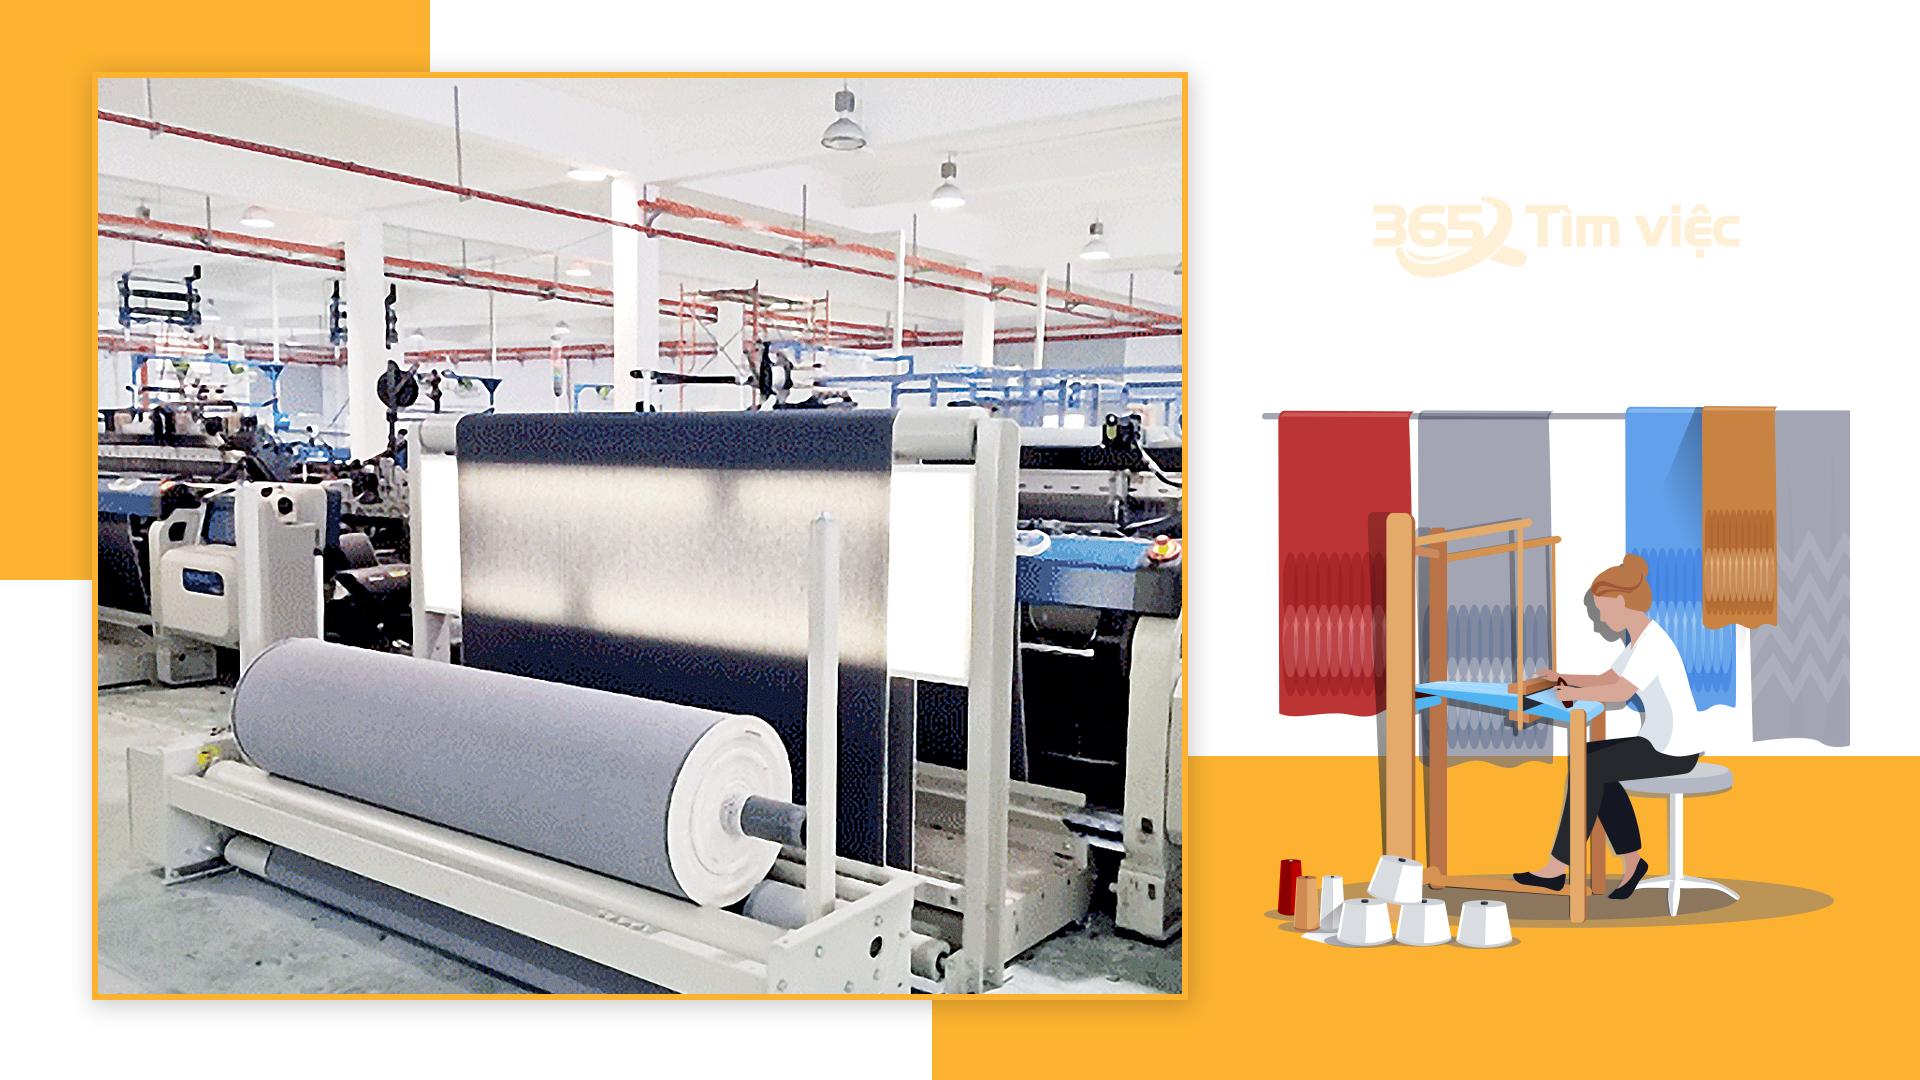 Áp dụng quy luật giá trị với việc hình thành nên giá thành của sản phẩm sản xuất